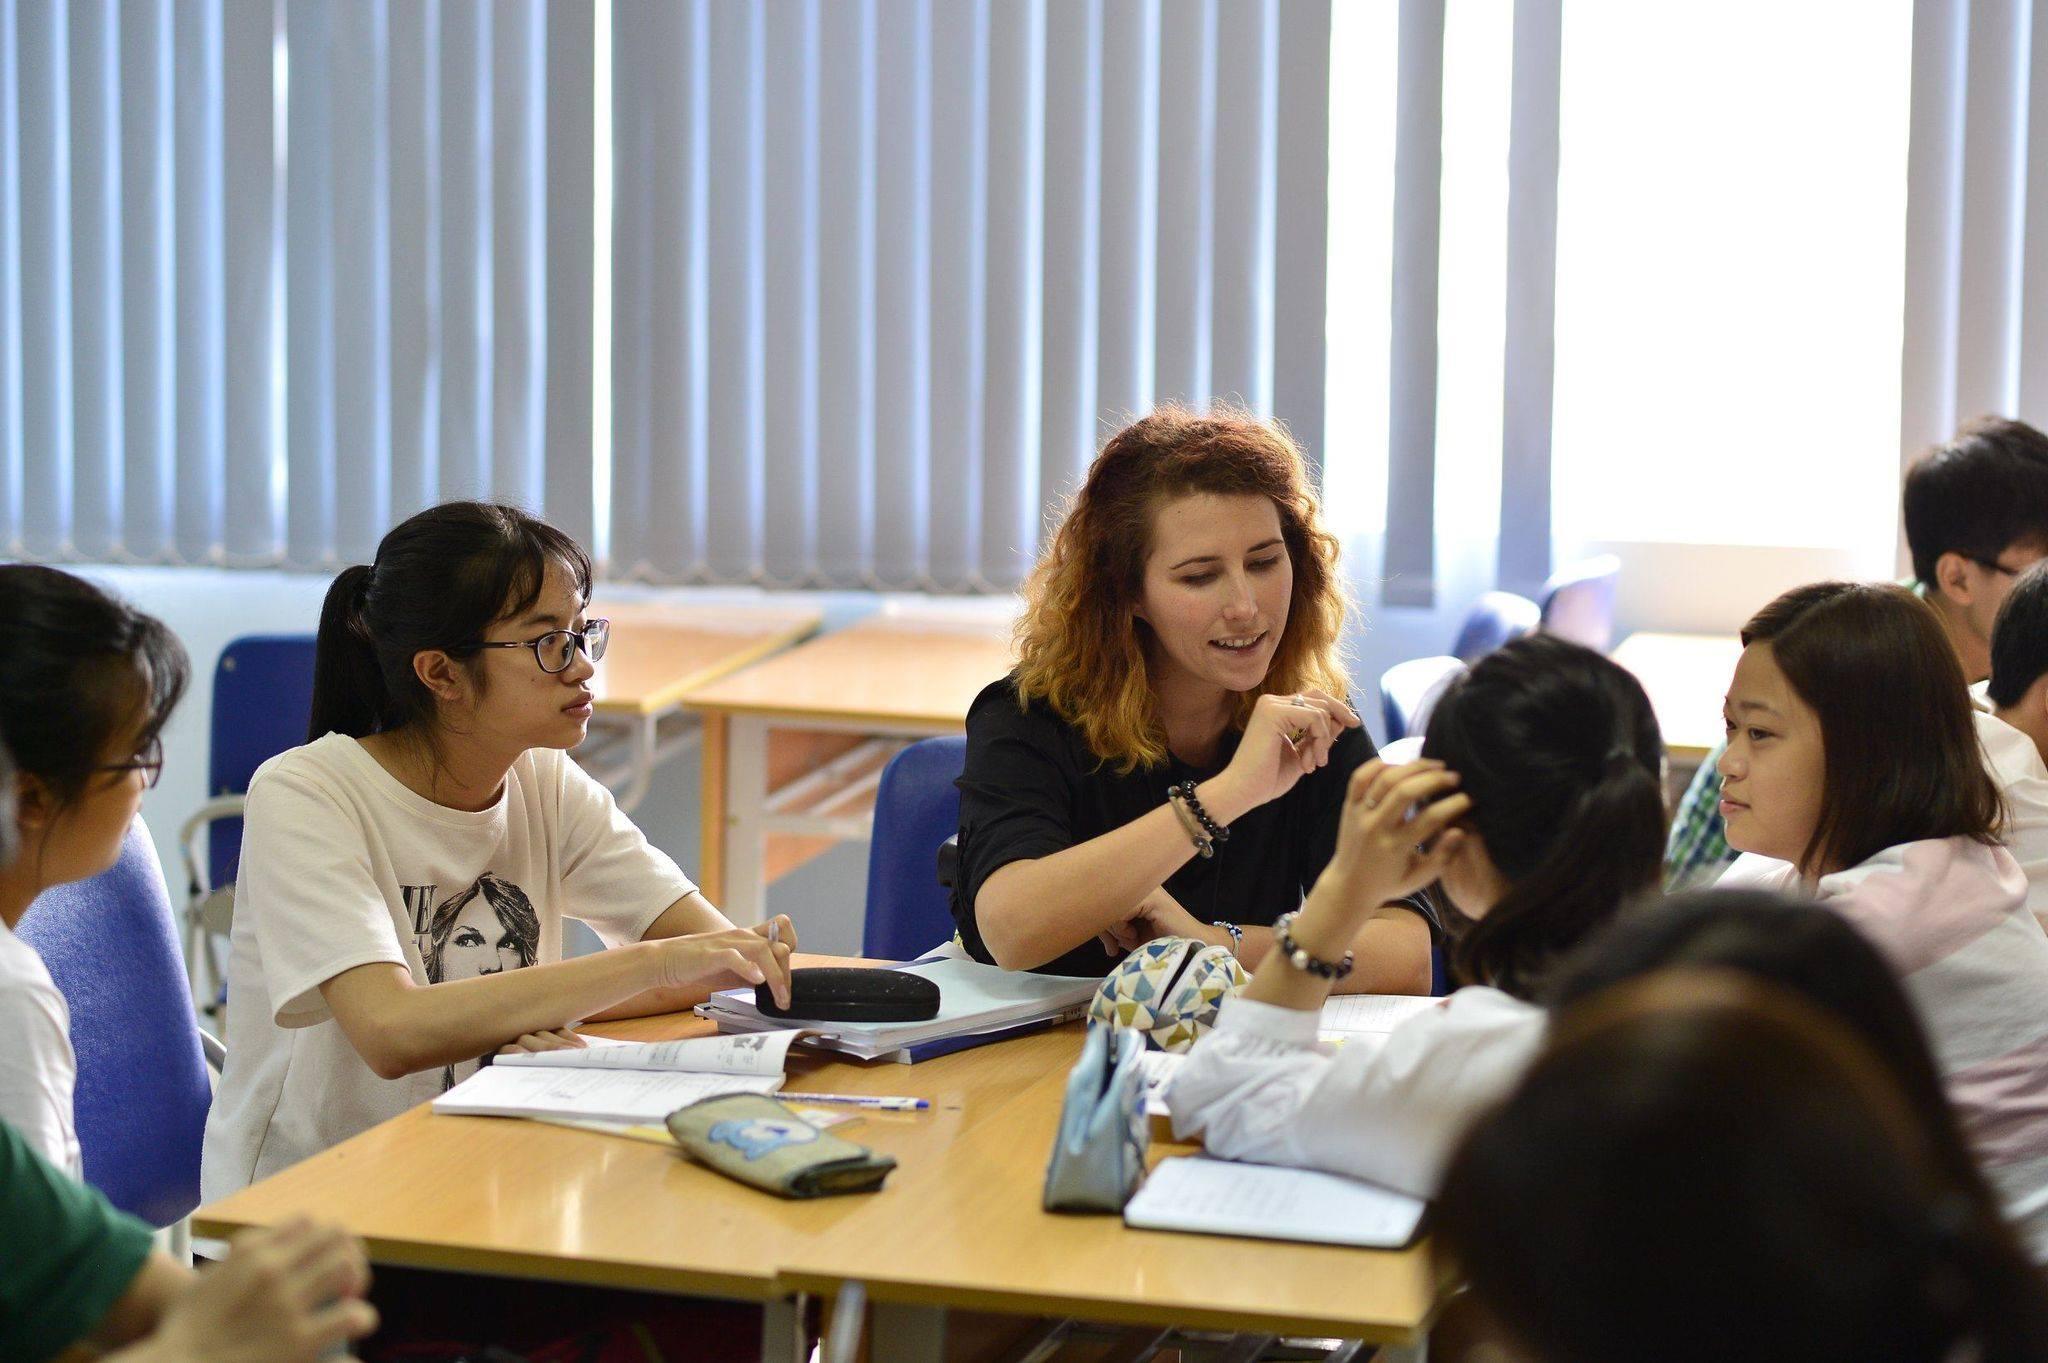 Từ tháng 3/2020 đến nay, Trường ĐH Khoa học và Công nghệ Hà Nội USTH đã tiếp nhận hơn 20 hồ sơ của du học sinh Việt Nam về nước hoặc của những học sinh dự định du học nhưng phải thay đổi kế hoạch do dịch bệnh. Trong ảnh: Một giờ học tiếng Anh với giáo viên bản ngữ của sinh viên USTH. Ảnh: Khánh Leo